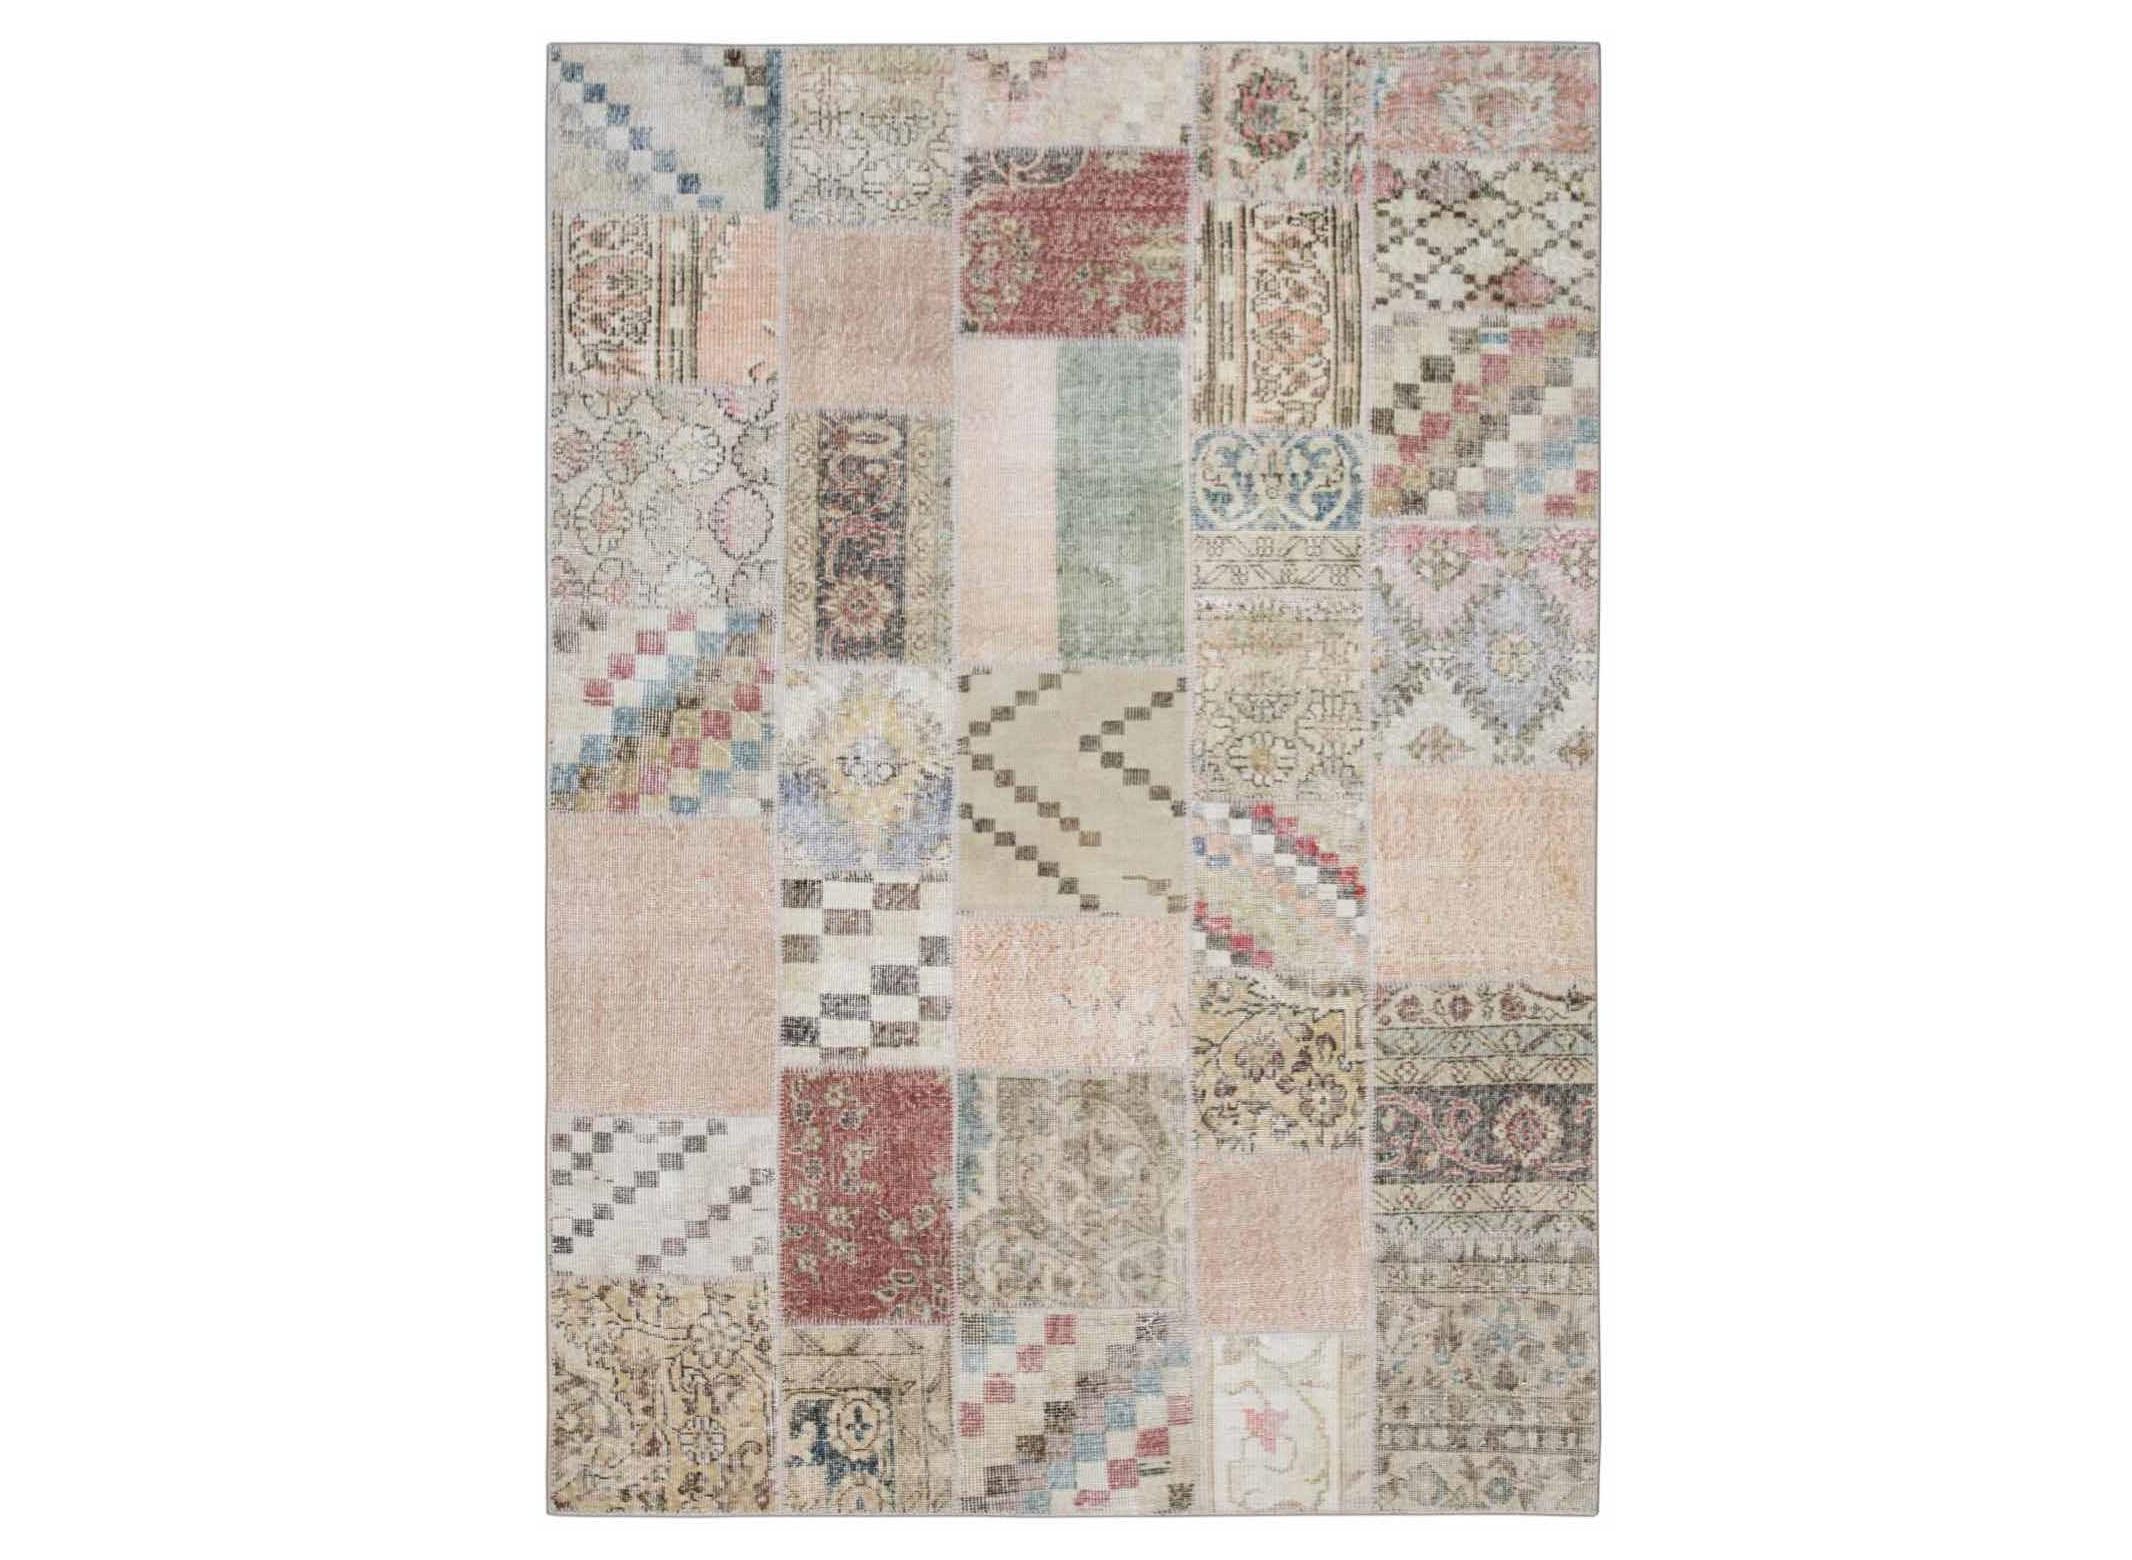 Ковер PatchworkПрямоугольные ковры<br>Винтажный ковер ручной работы в стиле &amp;quot;пэчворк&amp;quot; <br>из 100% шерсти. Ковер прекрасно подходит в <br>любые современные и классические интерьеры, <br>а благодаря толщине ковра всего 5 мм и отсутствию <br>ворса, его легко чистить любыми видами пылесосов. <br>Этот настоящий ковер ручной работы не потеряет <br>своих красок и будет служить десятилетия.<br><br>Material: Шерсть<br>Width см: 172<br>Depth см: 242